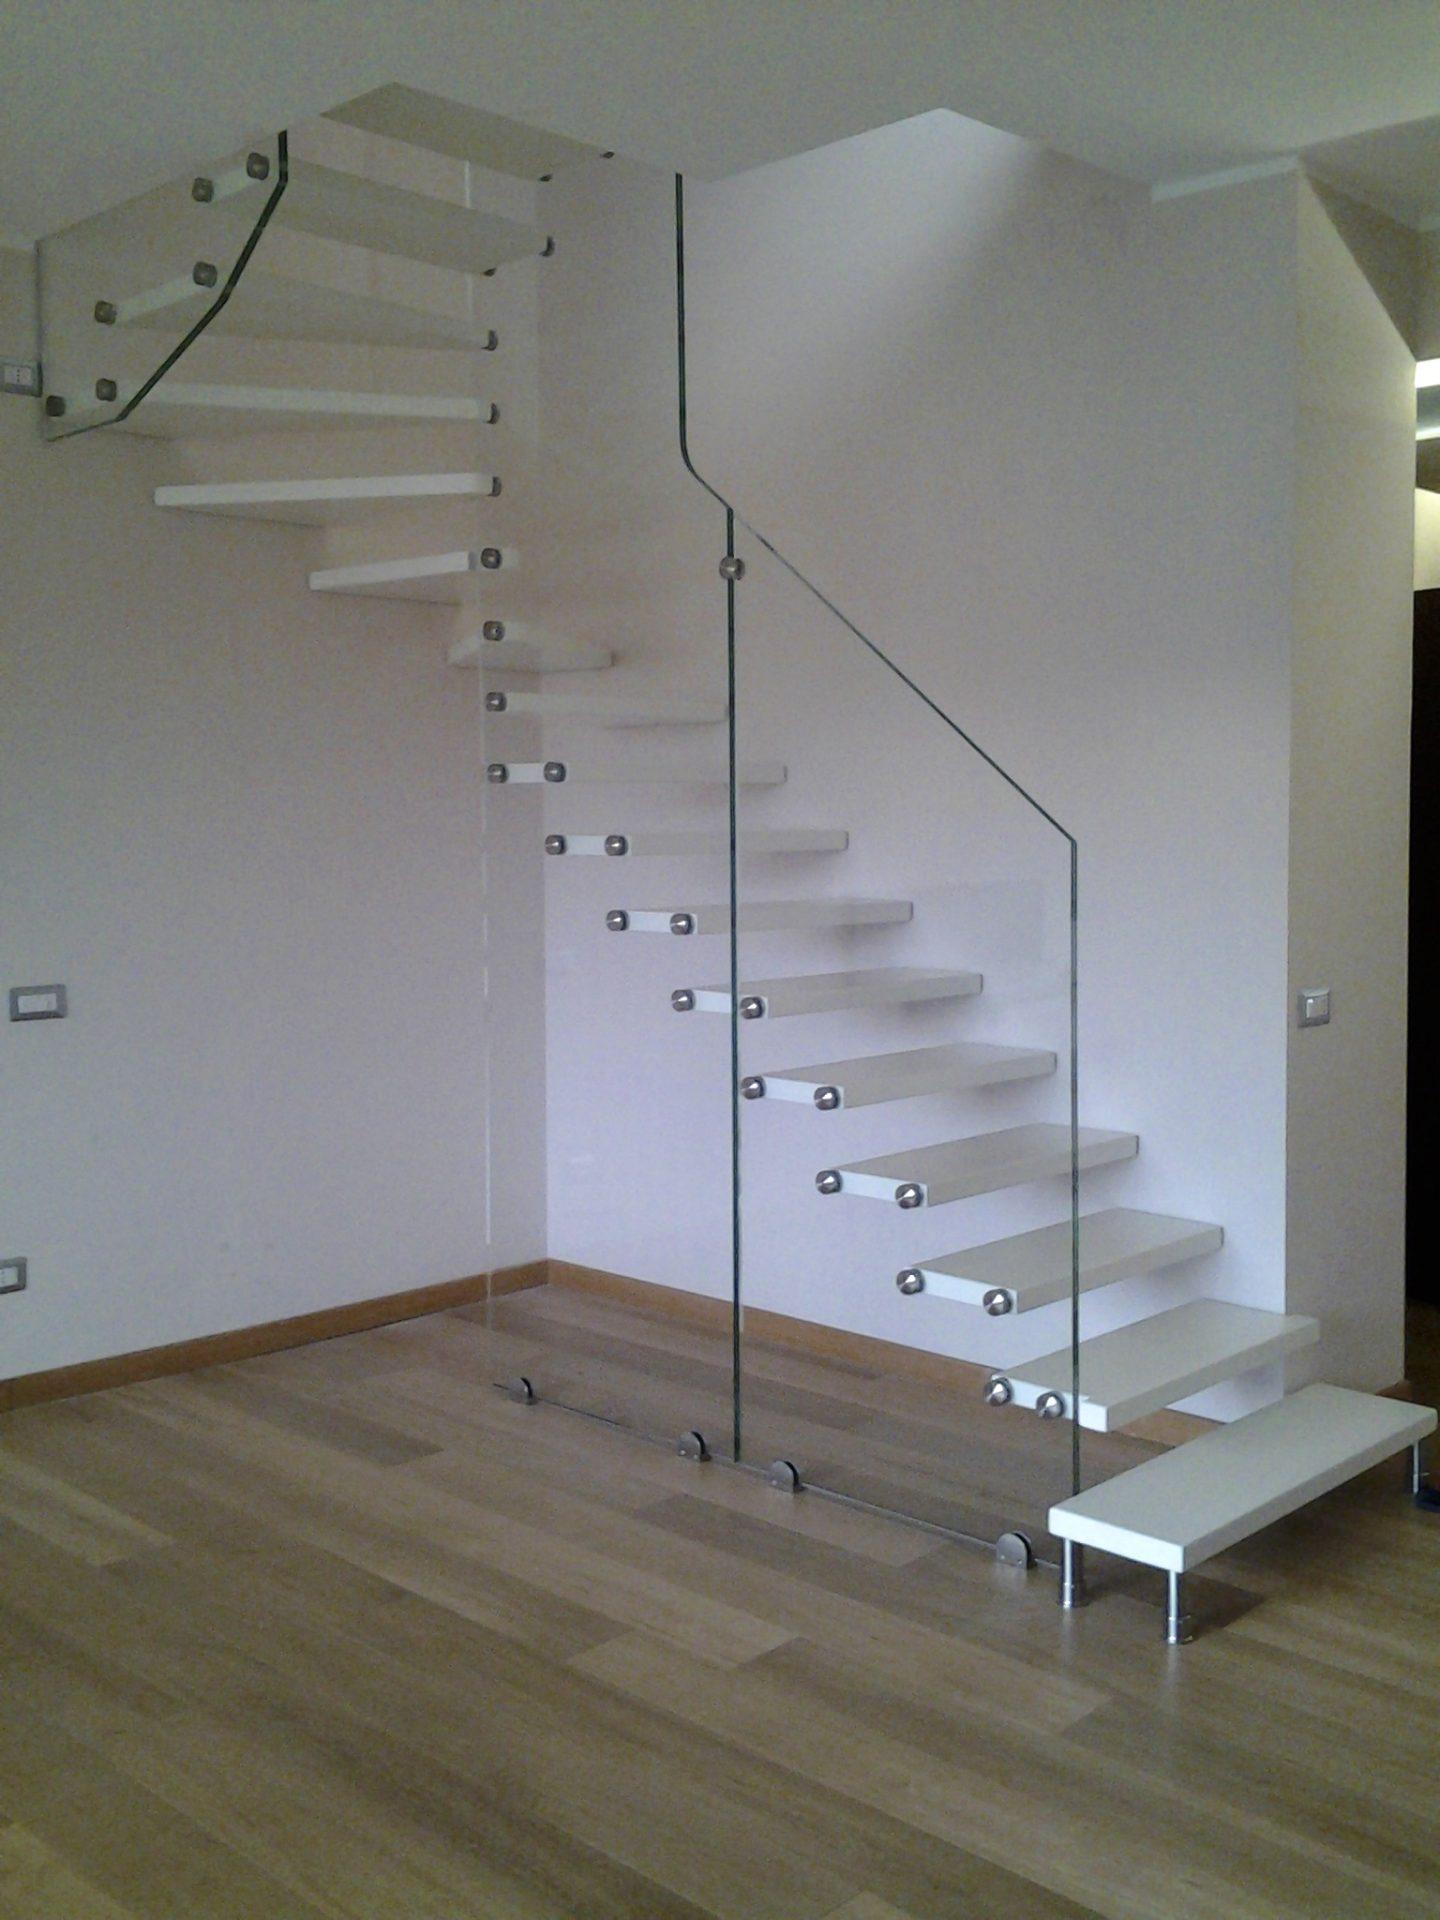 Installazione Scala a giorno moderna